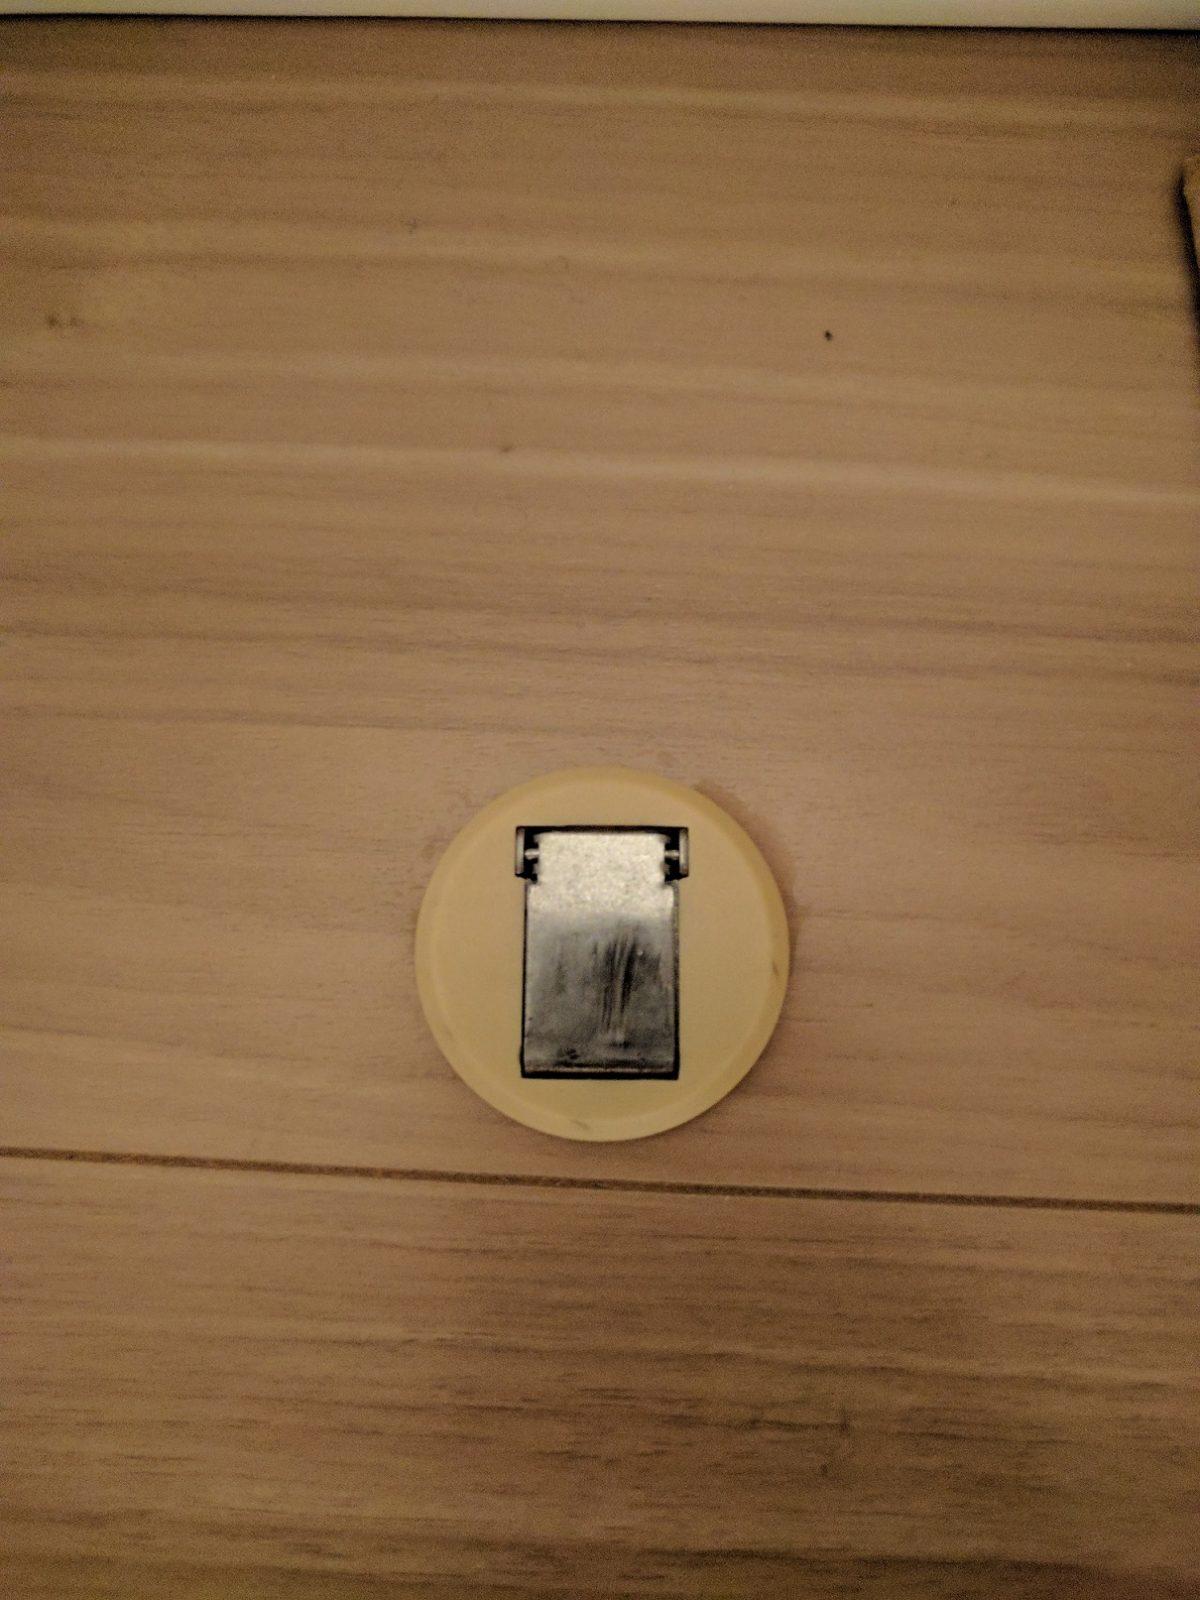 i-smartドアストッパーが反応しない!?